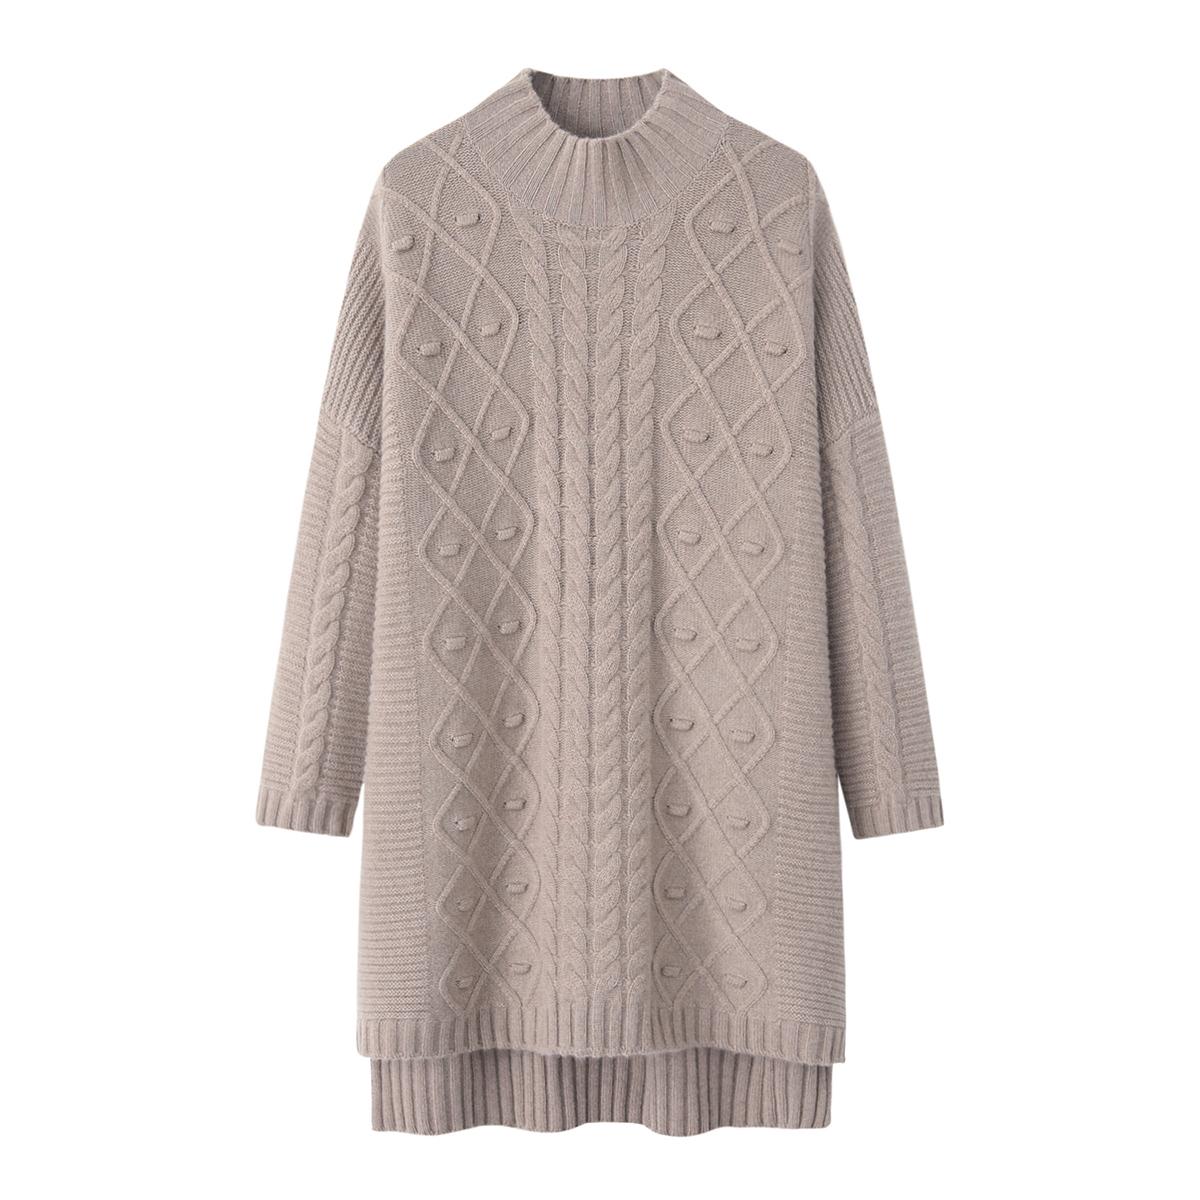 兴绒内蒙古羊绒衫女式半高领韩版宽松加厚中长款毛衣裙秋冬新款